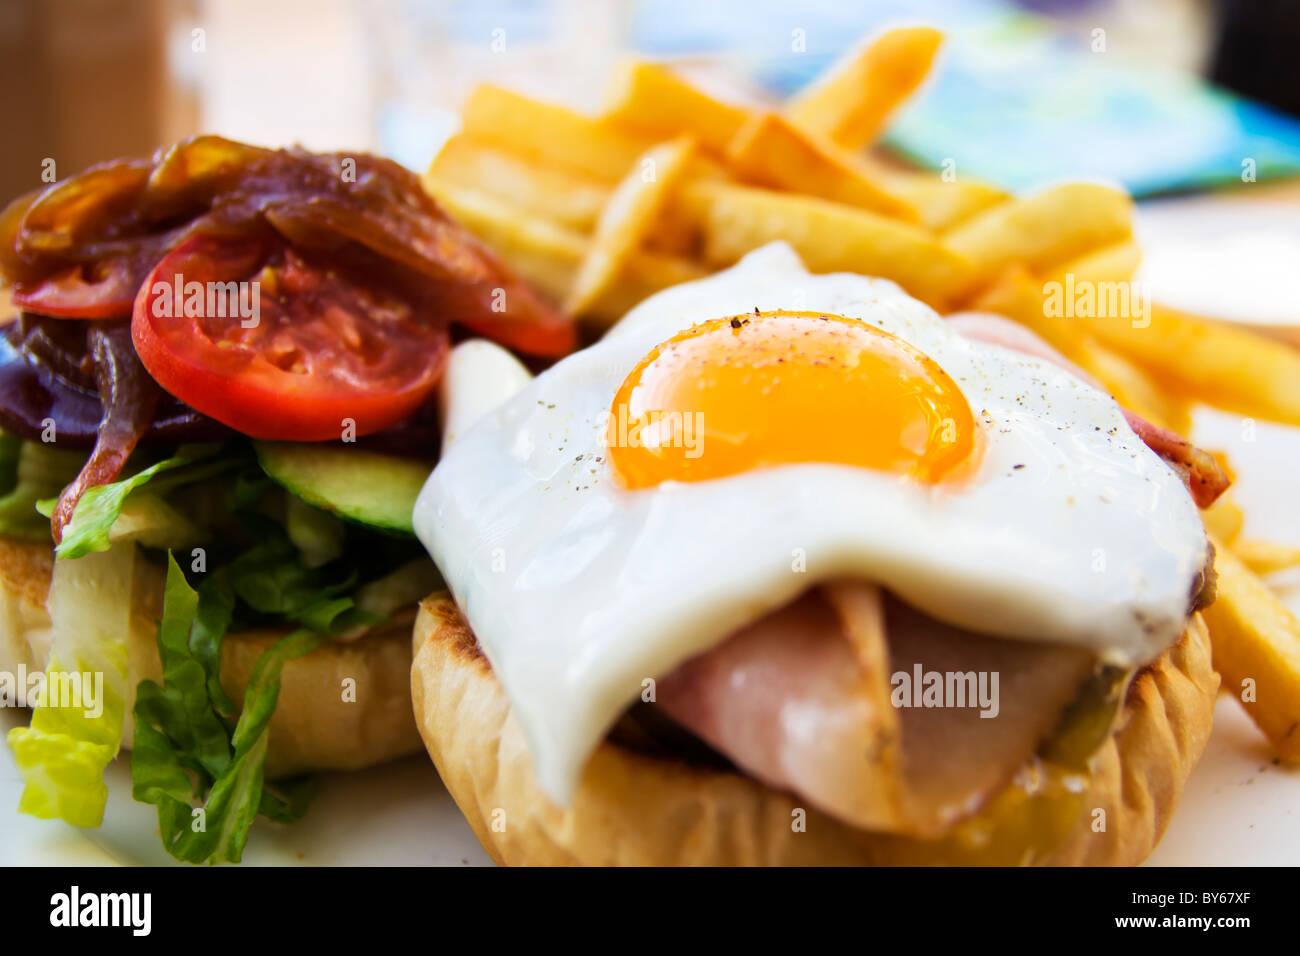 Wagyu-Beef-Burger mit Chips, Speck, Schinken, Ei und Gemüse Stockbild